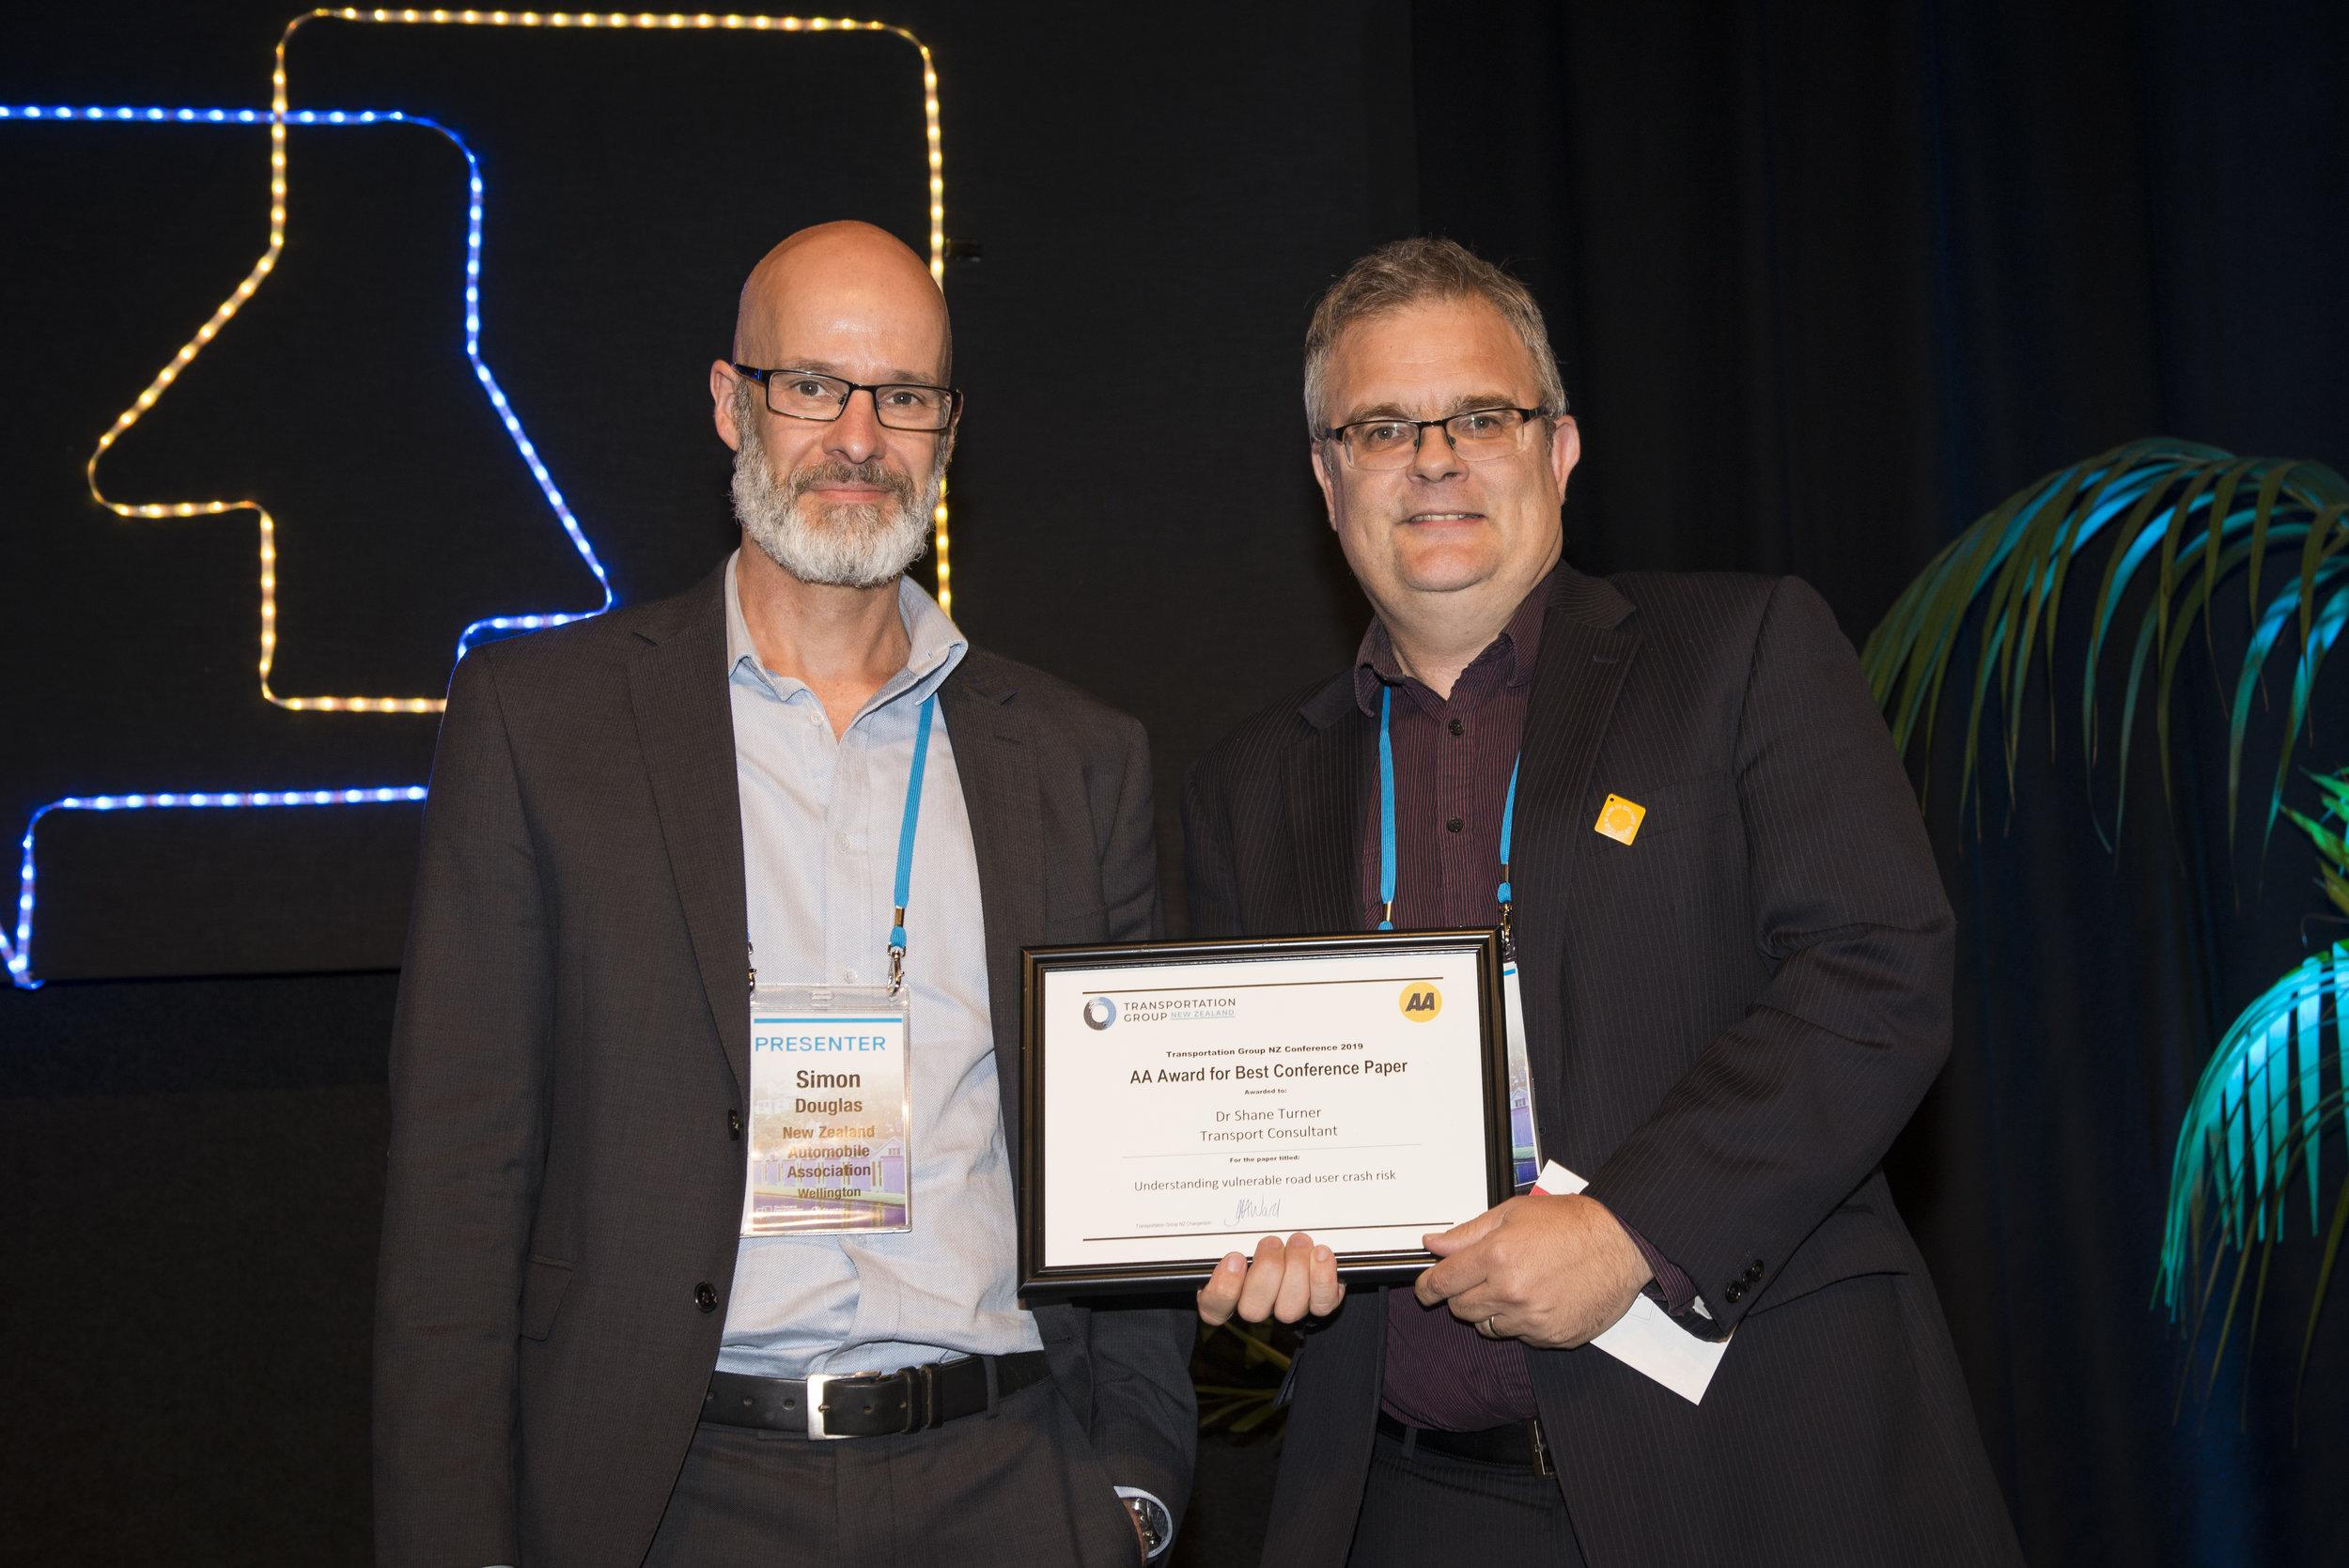 AA Award for Best Conference Paper   Understanding vulnerable road user crash risk   Dr Shane Turner, Transport Consultant